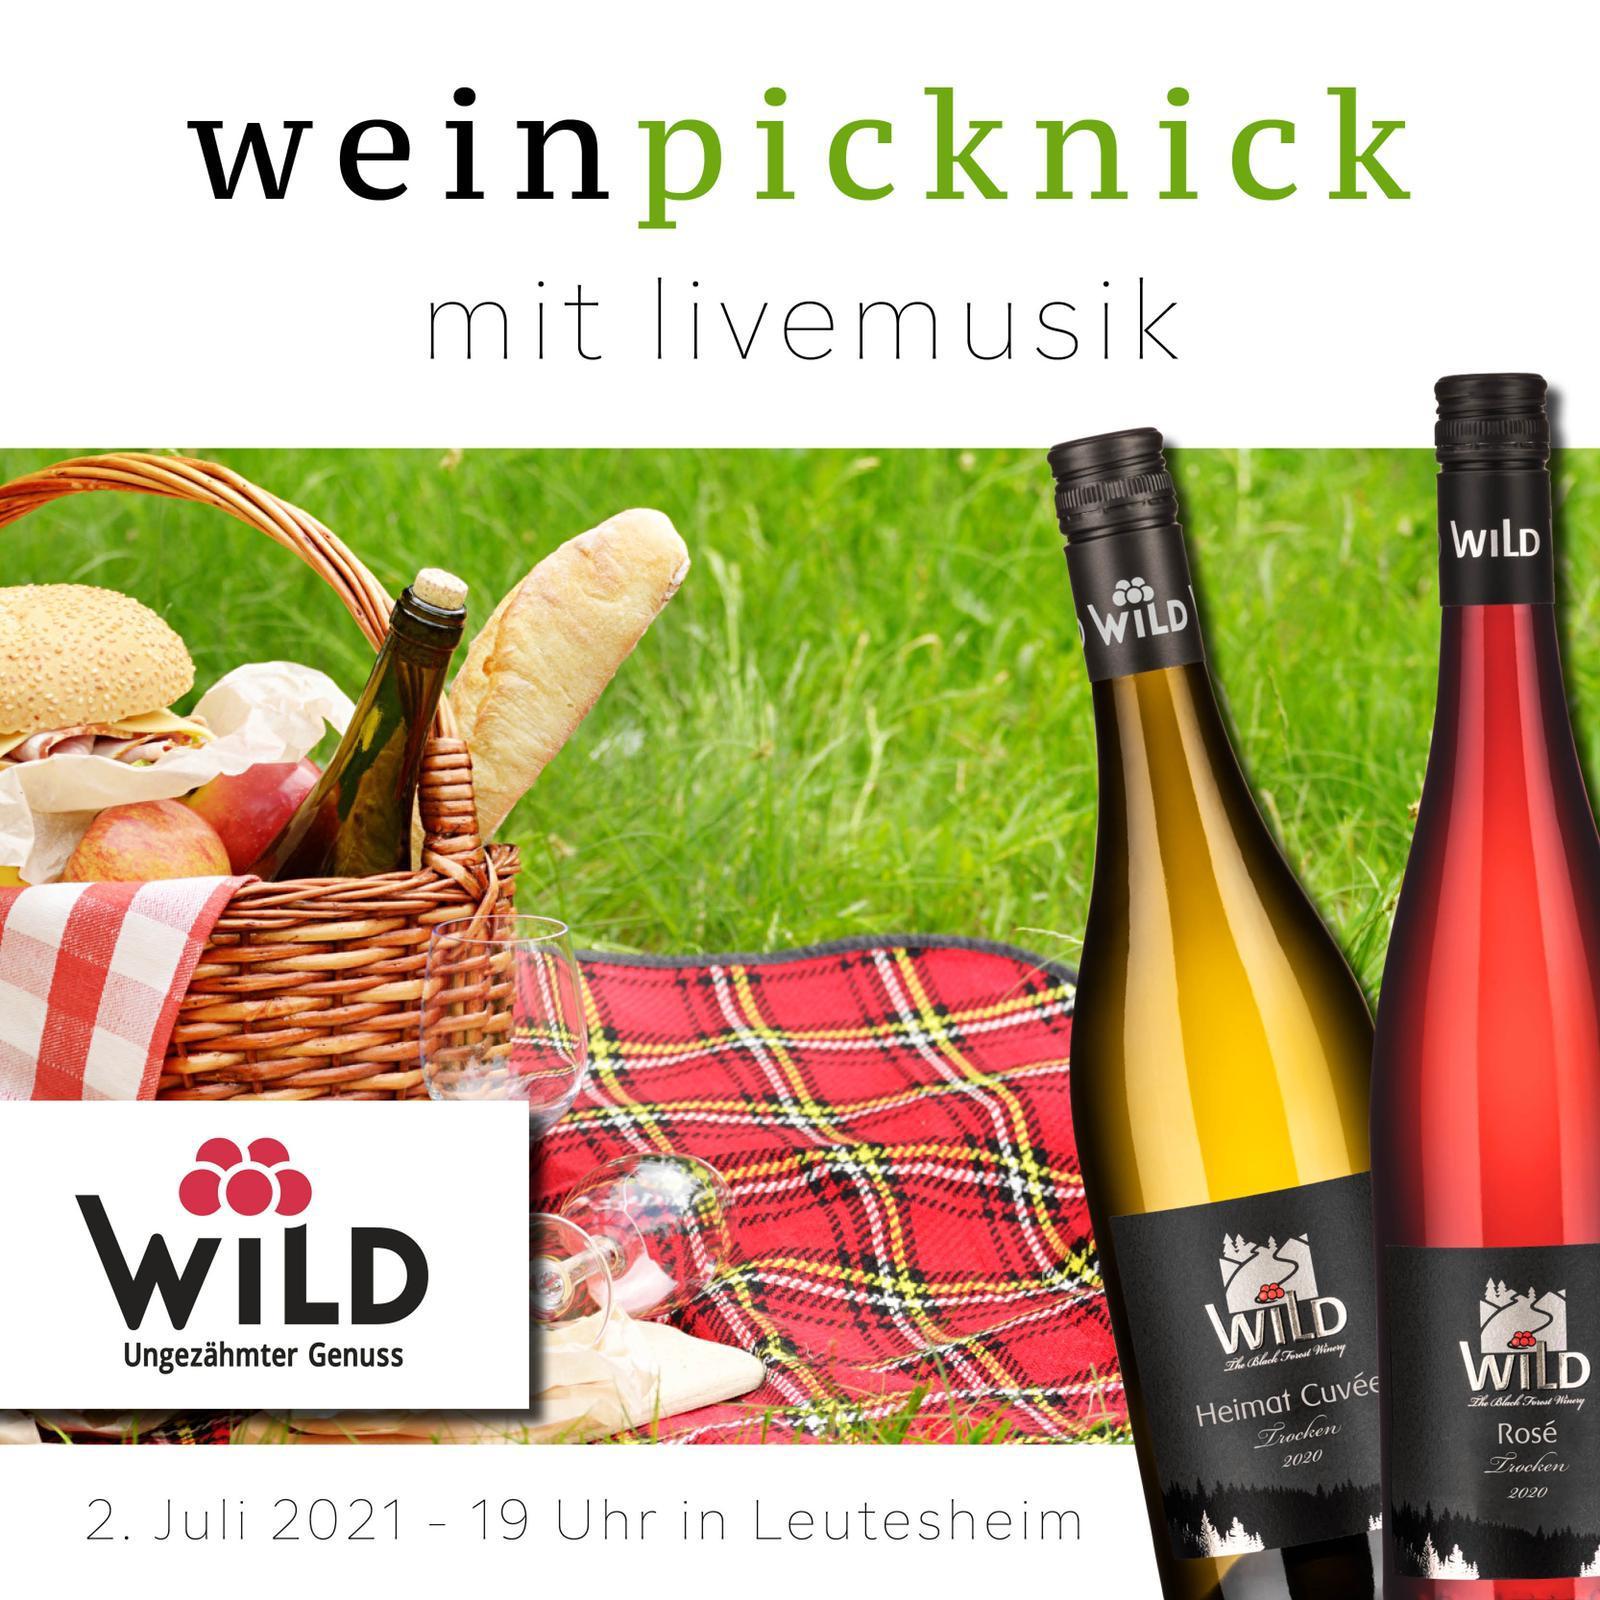 Weinpicknick mit Livemusik am 2. Juli-19 Uhr am Festplatz Leutesheim